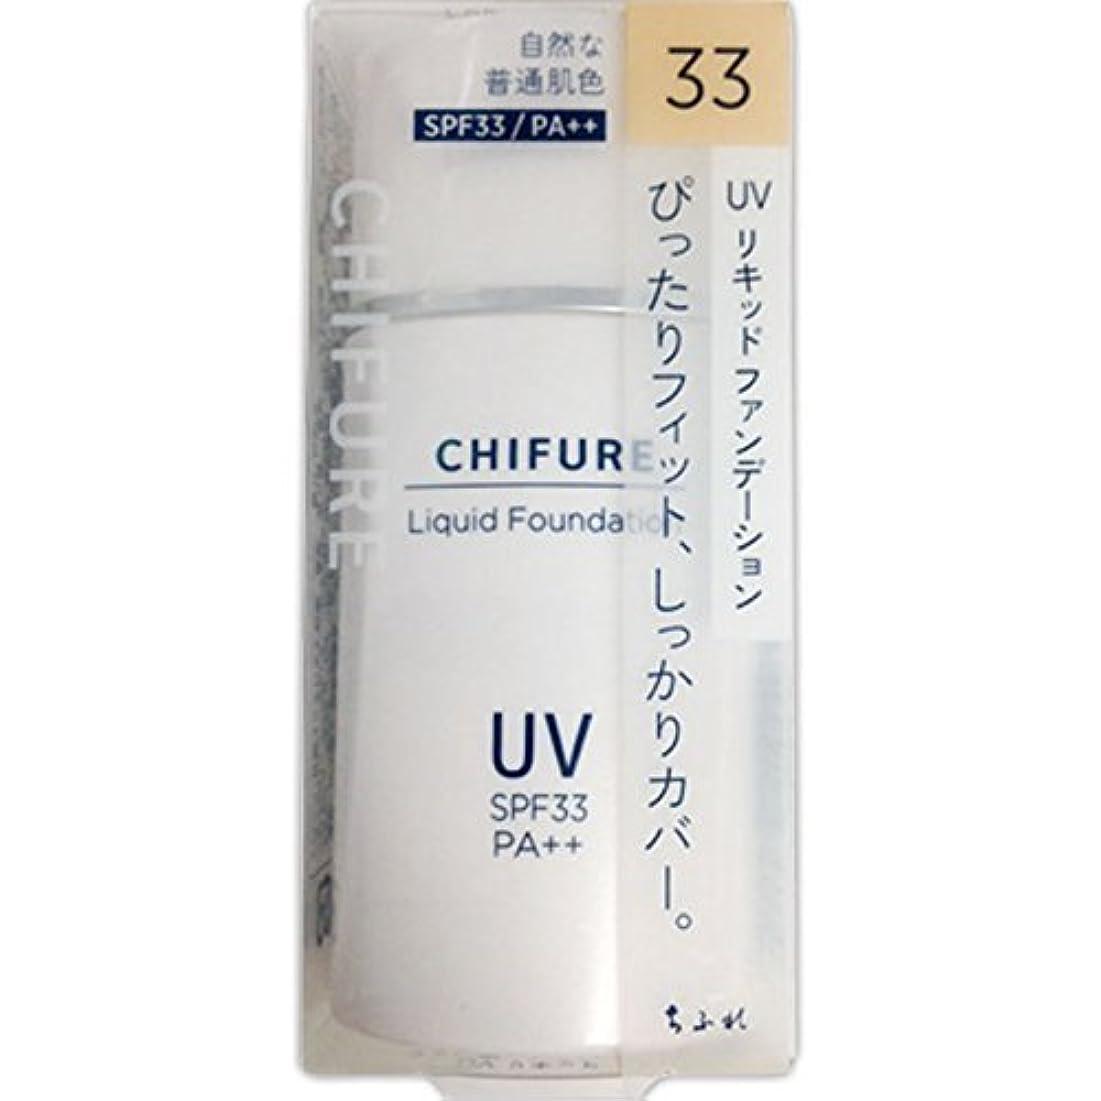 延期するモンク誤解させるちふれ化粧品 UV リキッド ファンデーション 33 自然な普通肌色 30ML